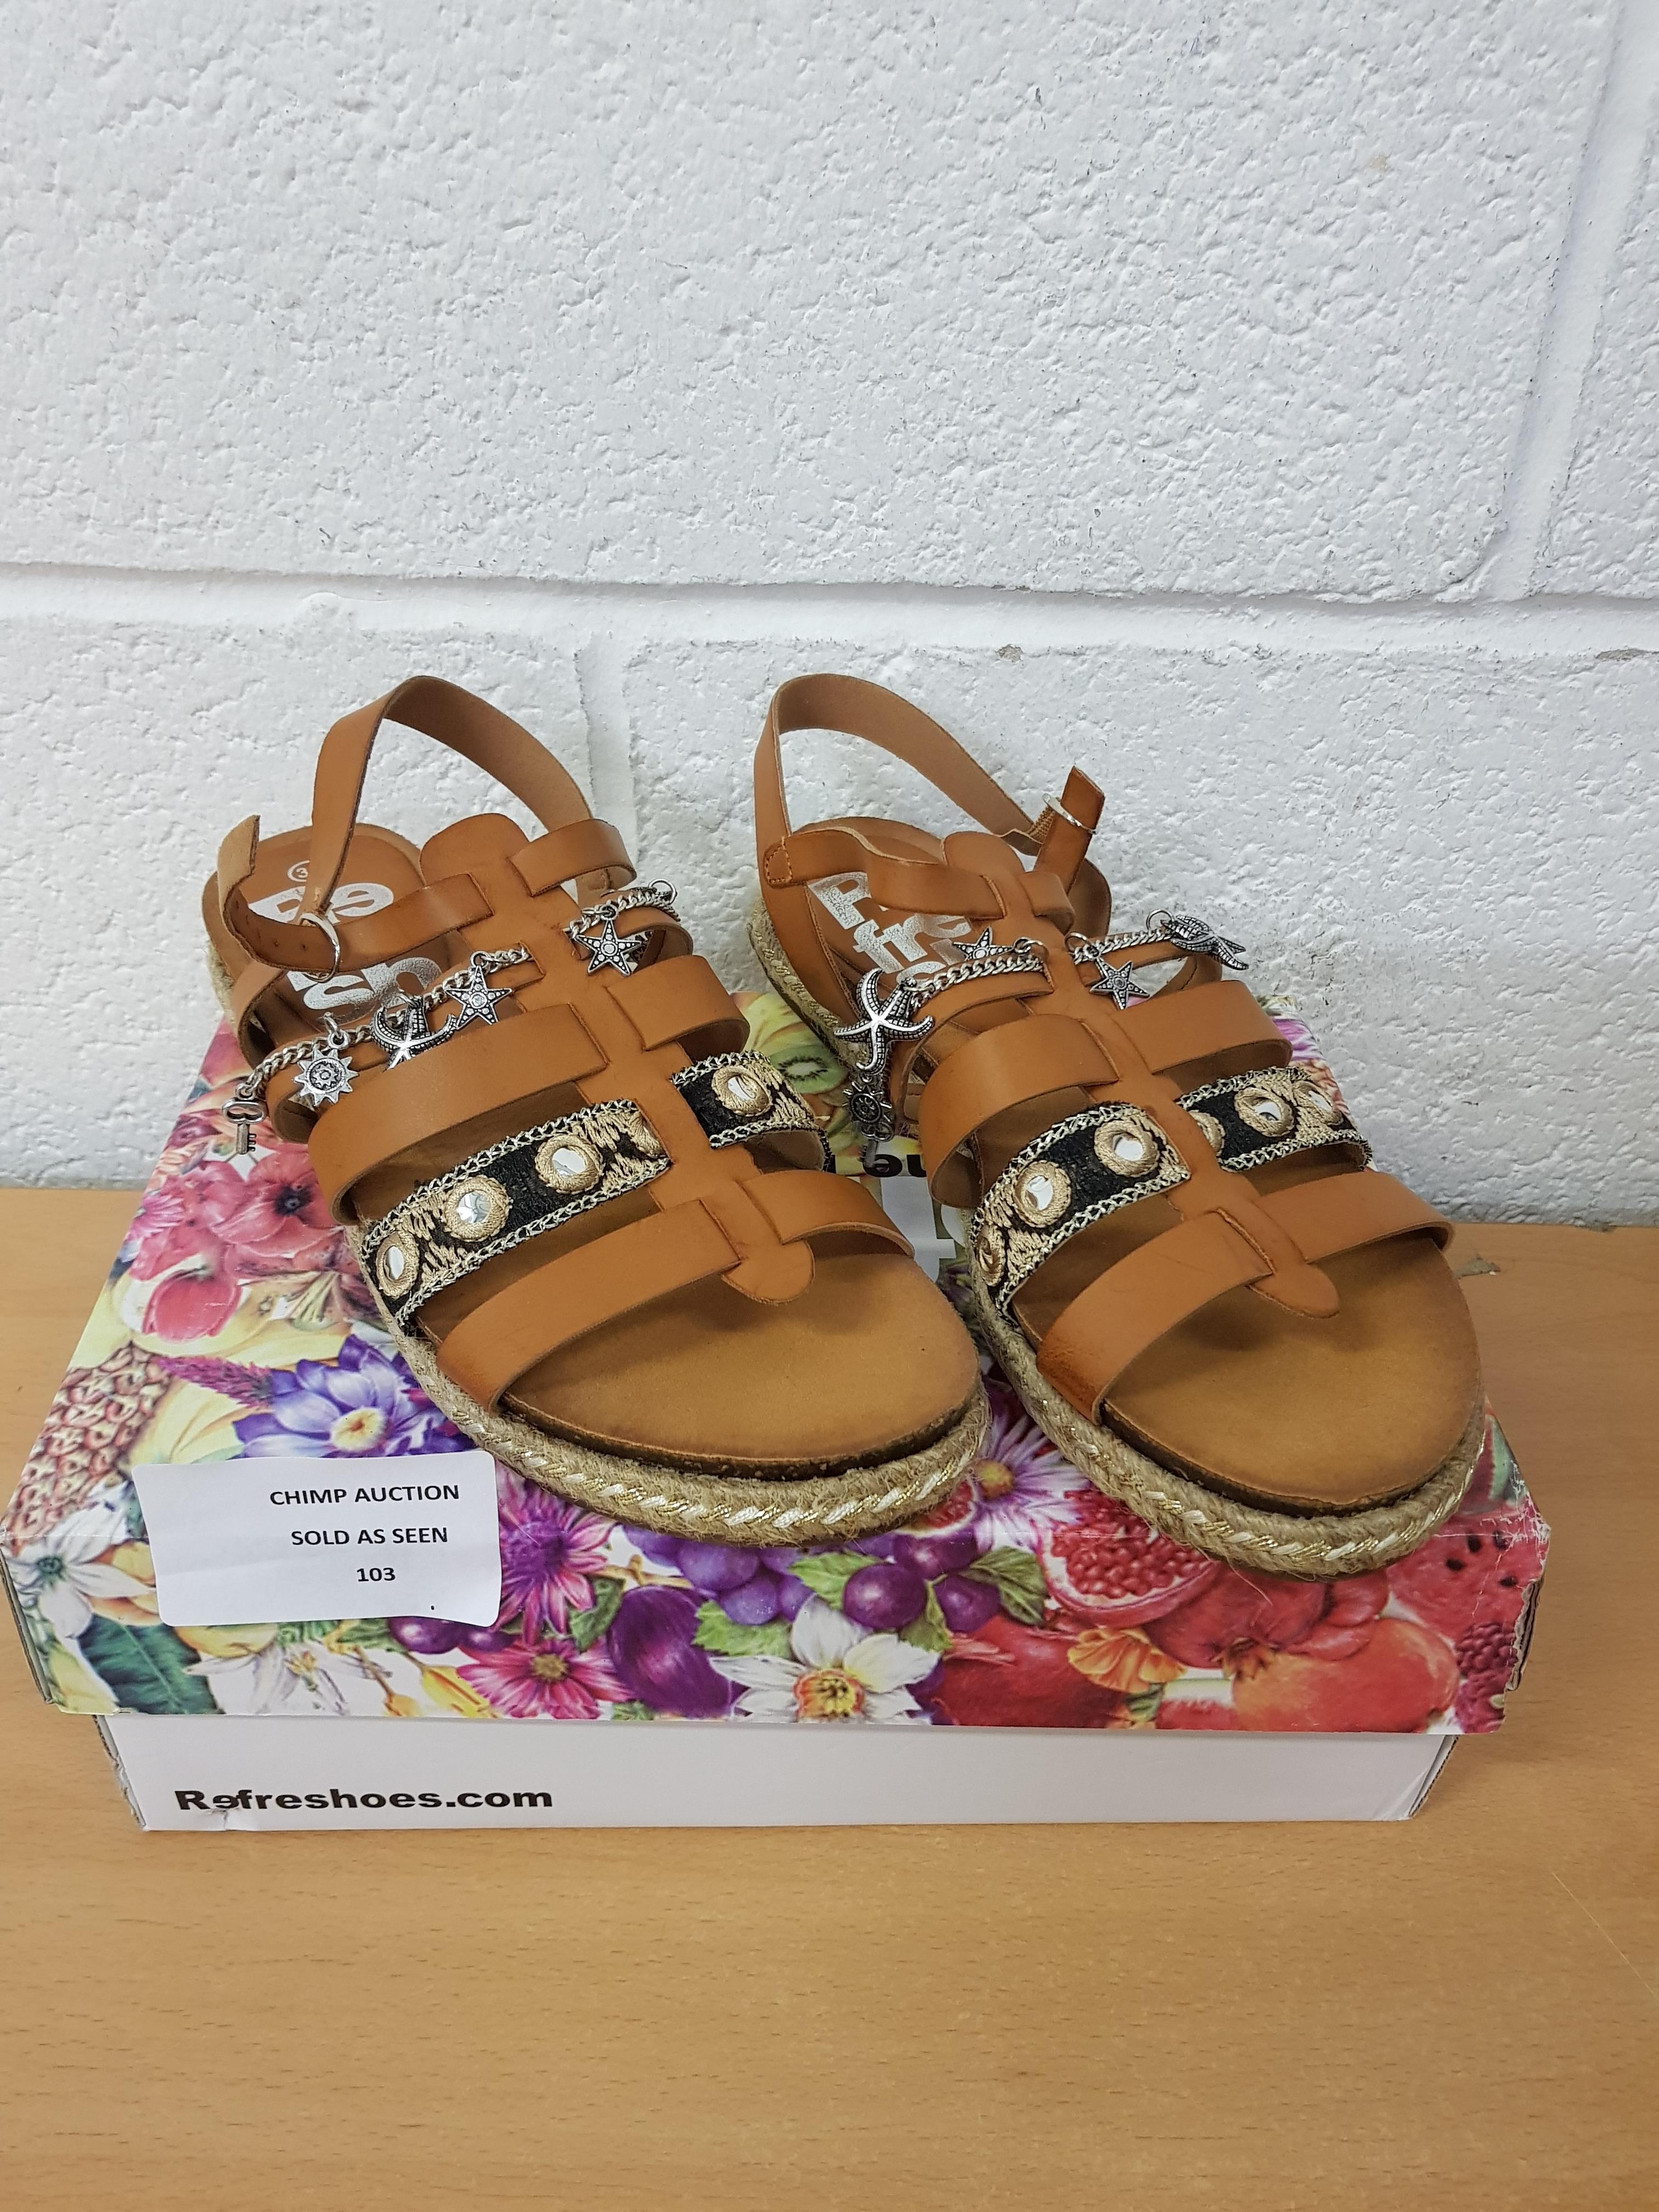 Lot 103 - Box Fresh ladies shoes EU 39